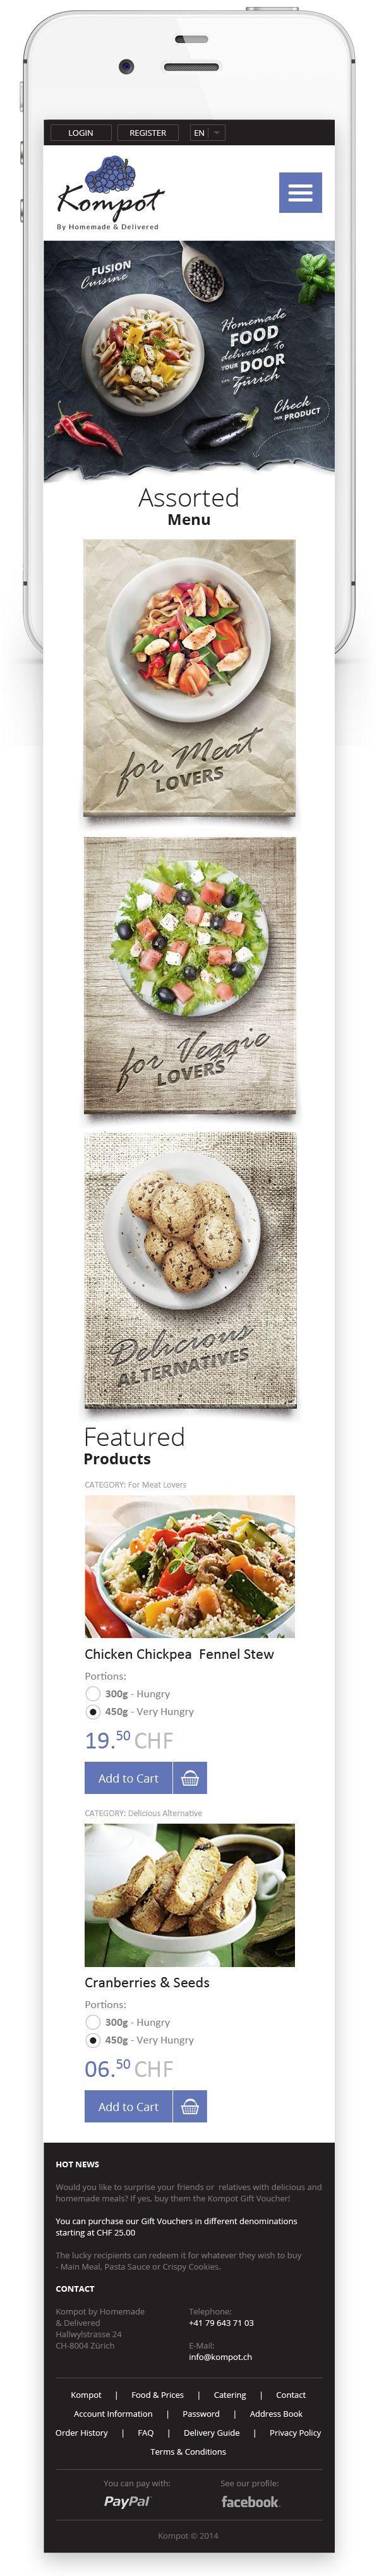 https://www.behance.net/gallery/Homemade-Food-in-Zuerich/14398165